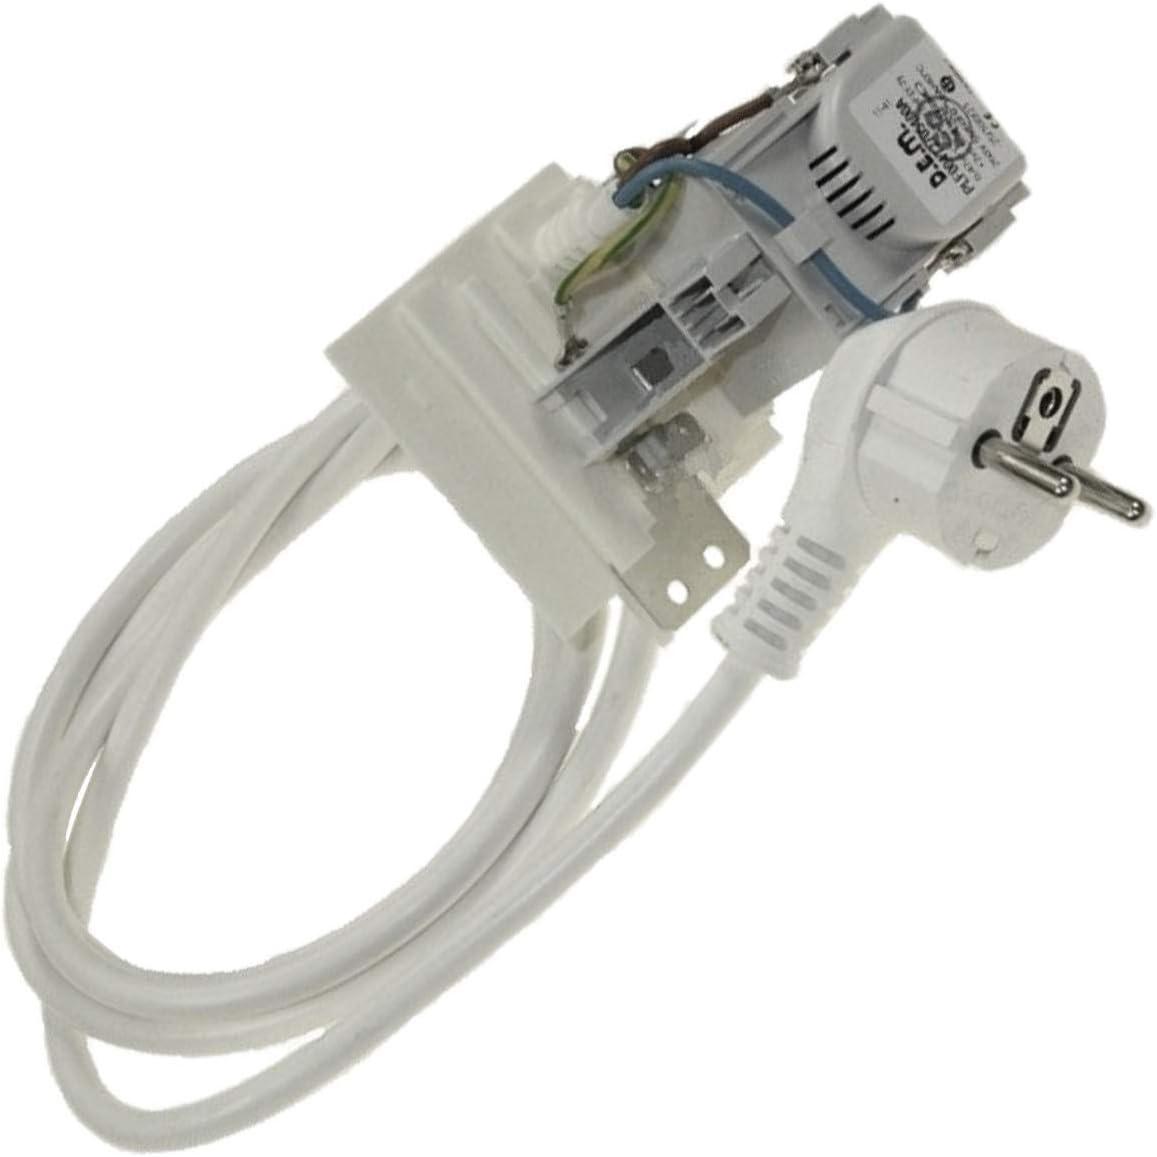 Cable de alimentación de 1,5 m + filtro antiparásitos – lavadora ...